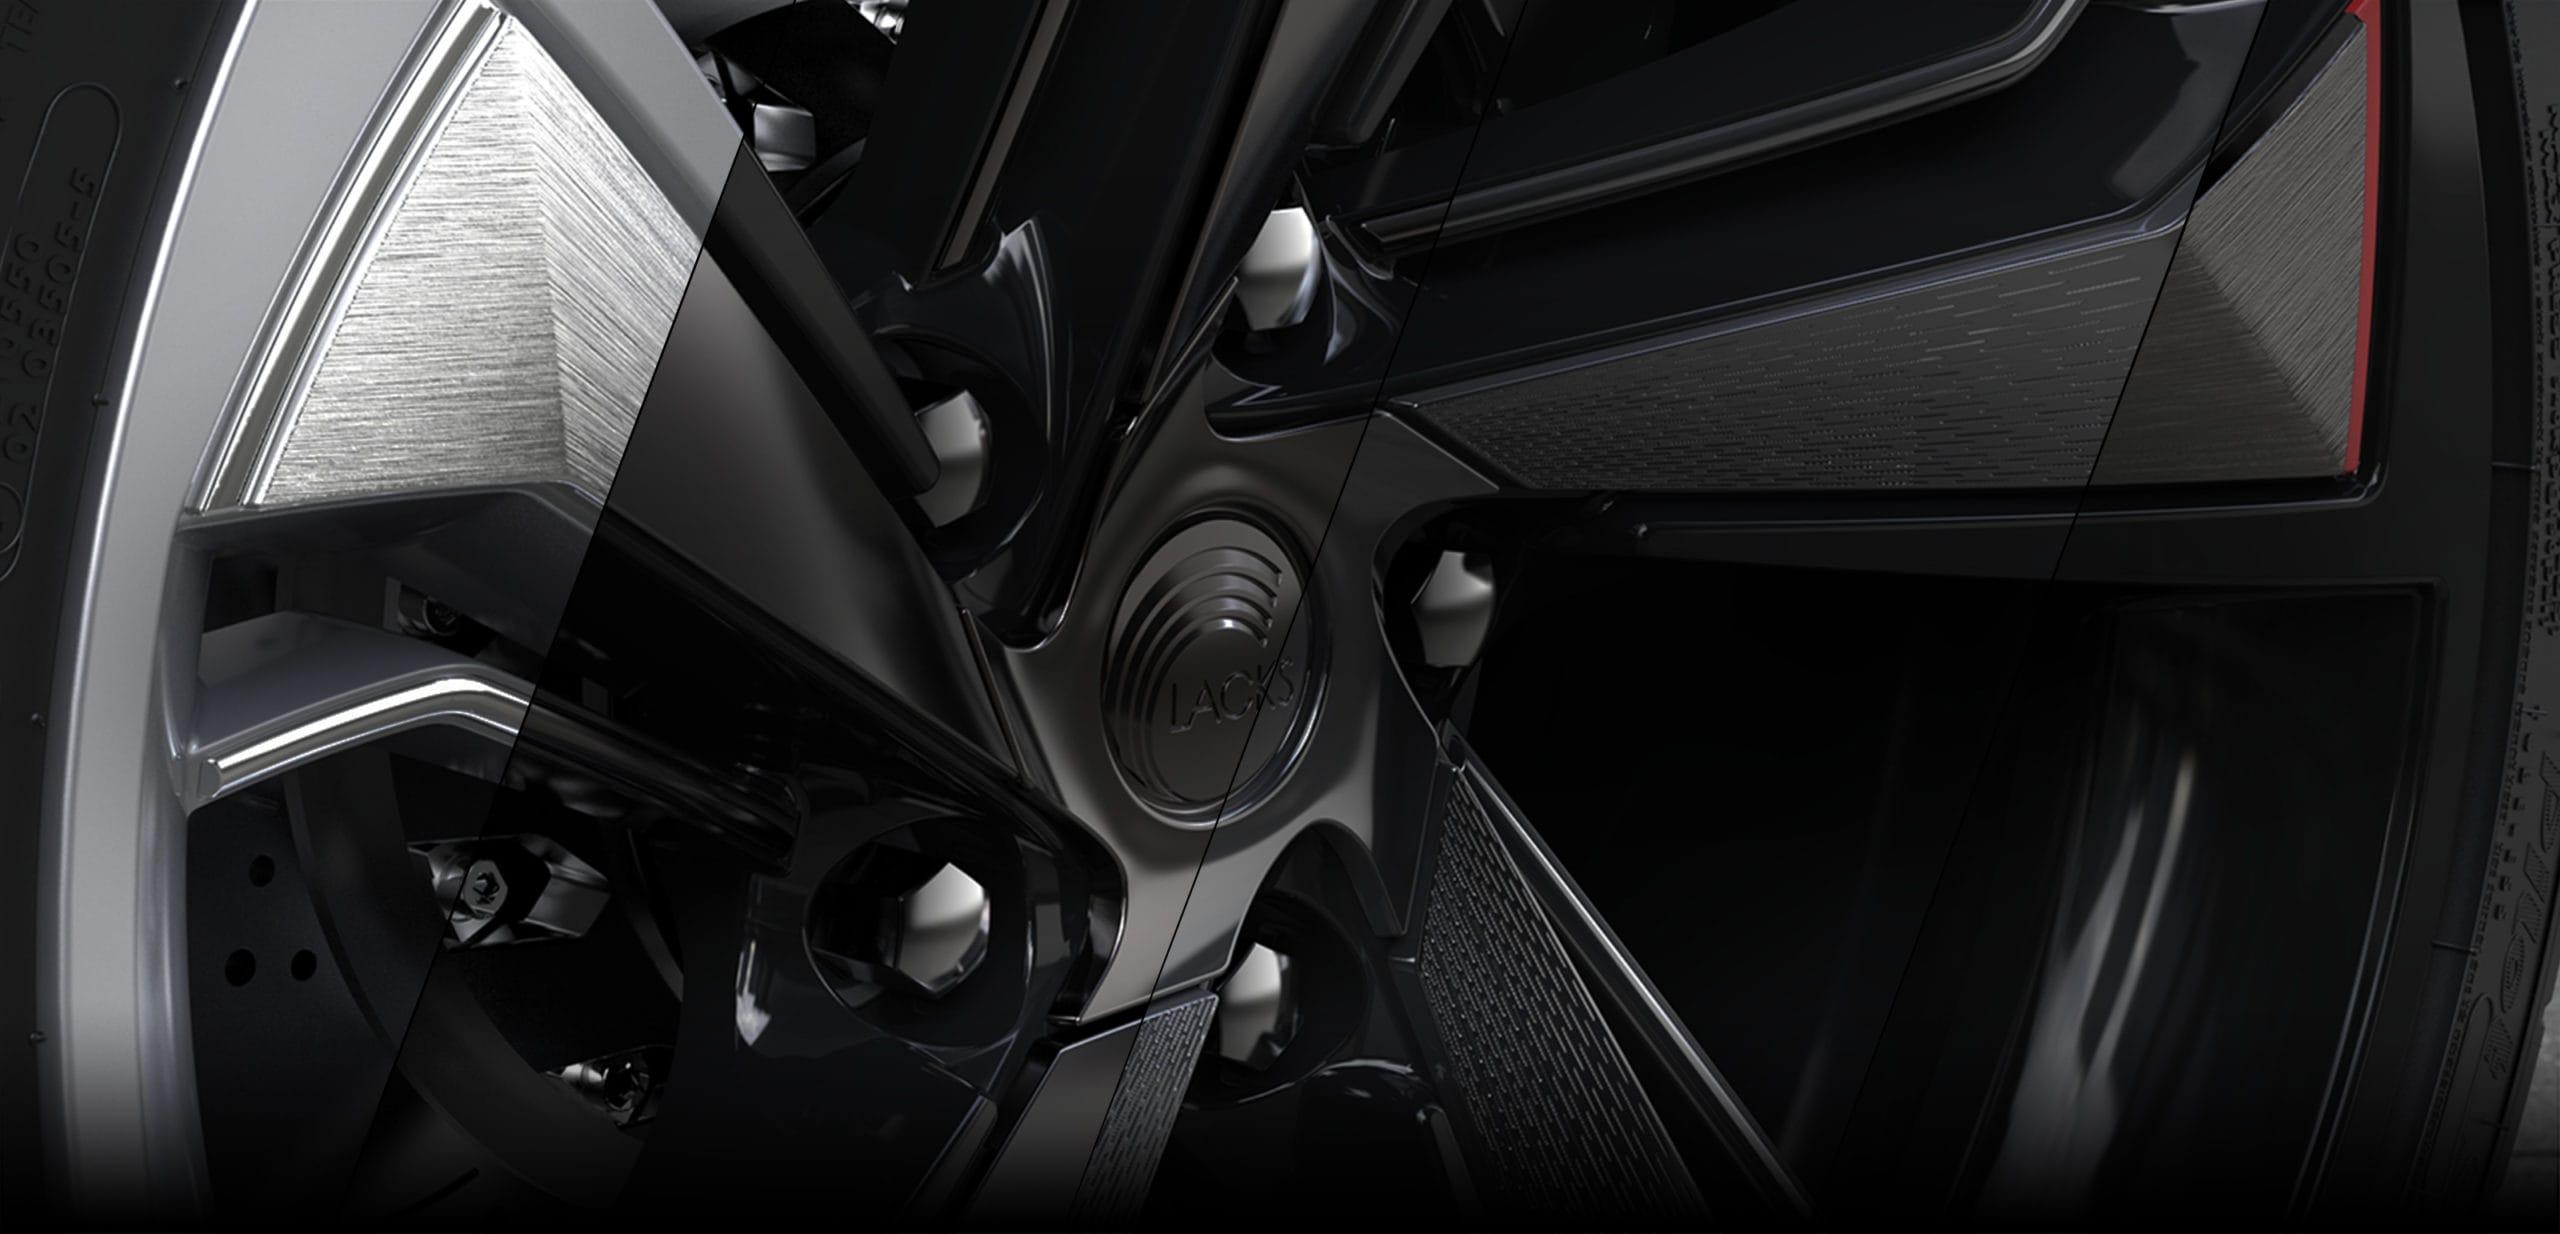 Wheel Trim Systems